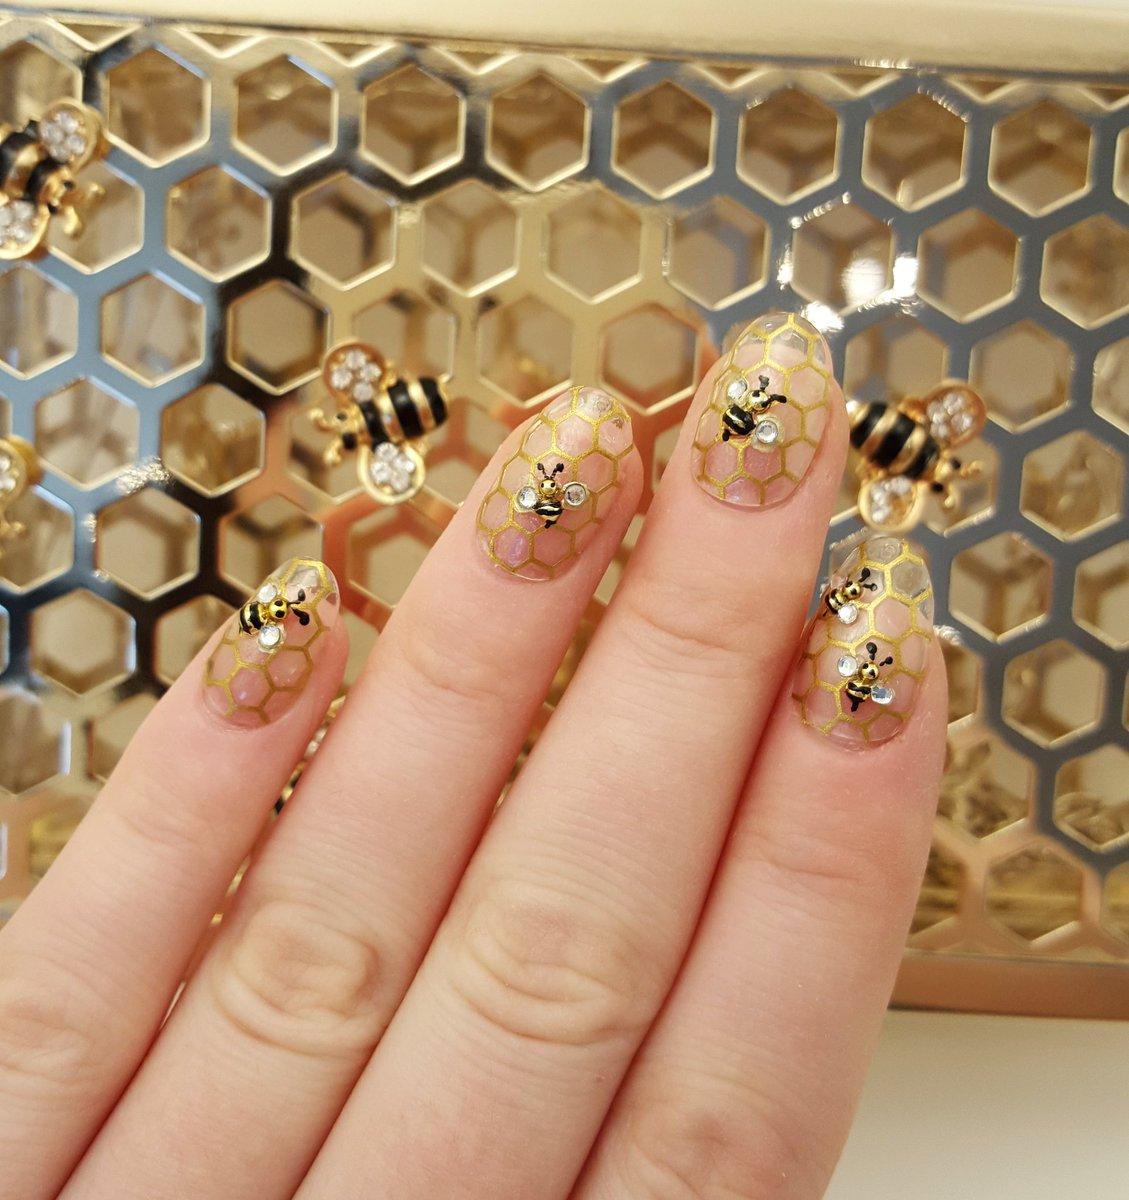 Jennys Nail Art On Twitter Shana Tova Honey Bee Nails For New